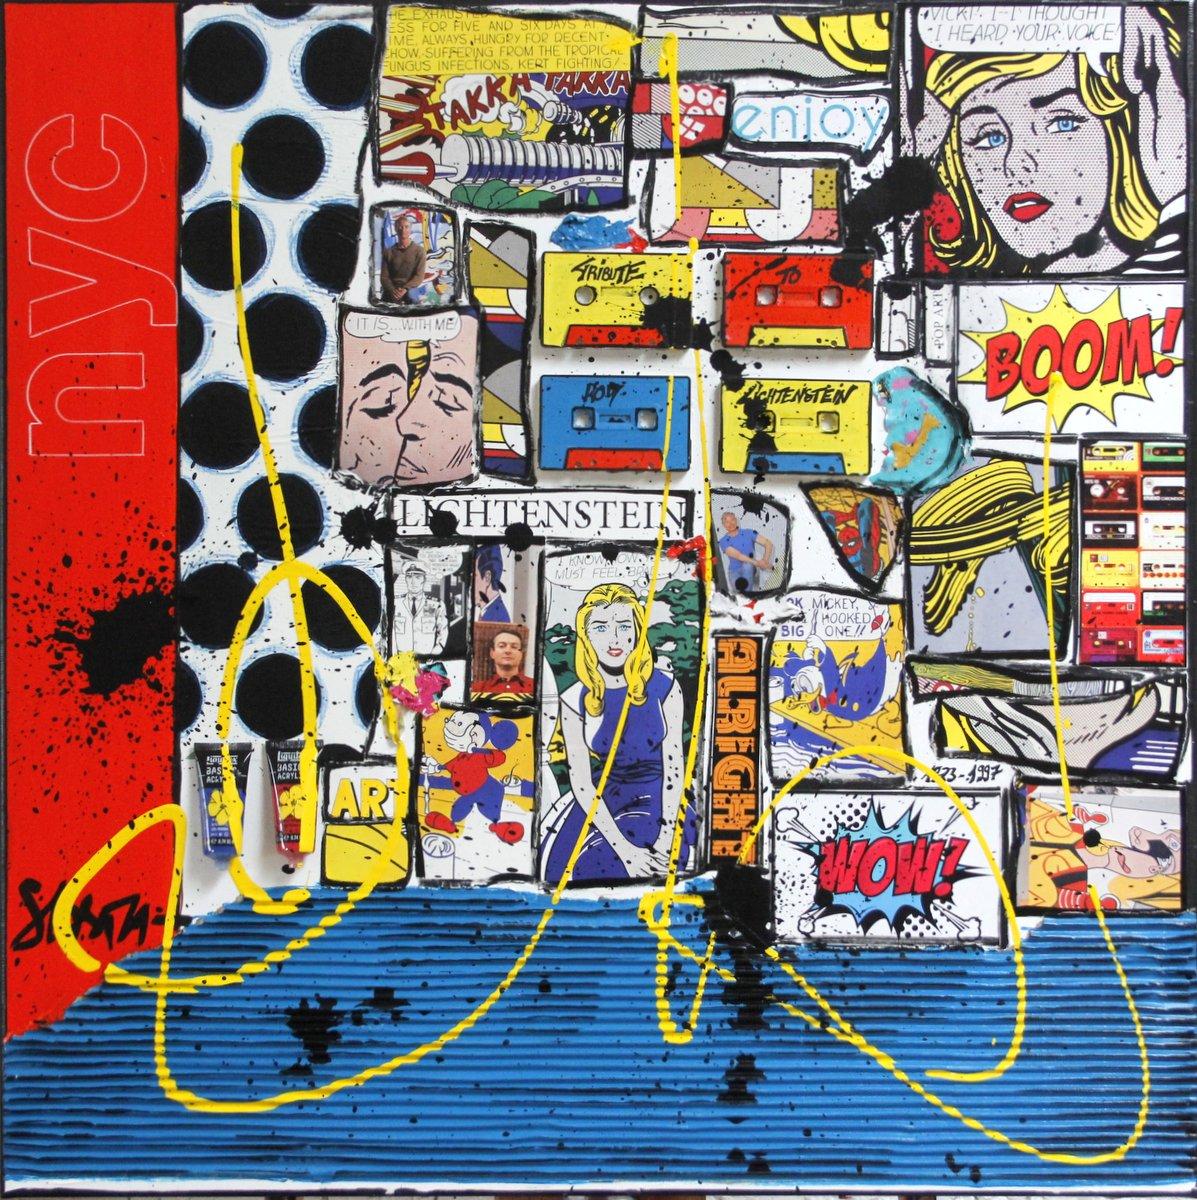 roy lichtenstein, collage Tableau Contemporain, BOOM !. Sophie Costa, artiste peintre.